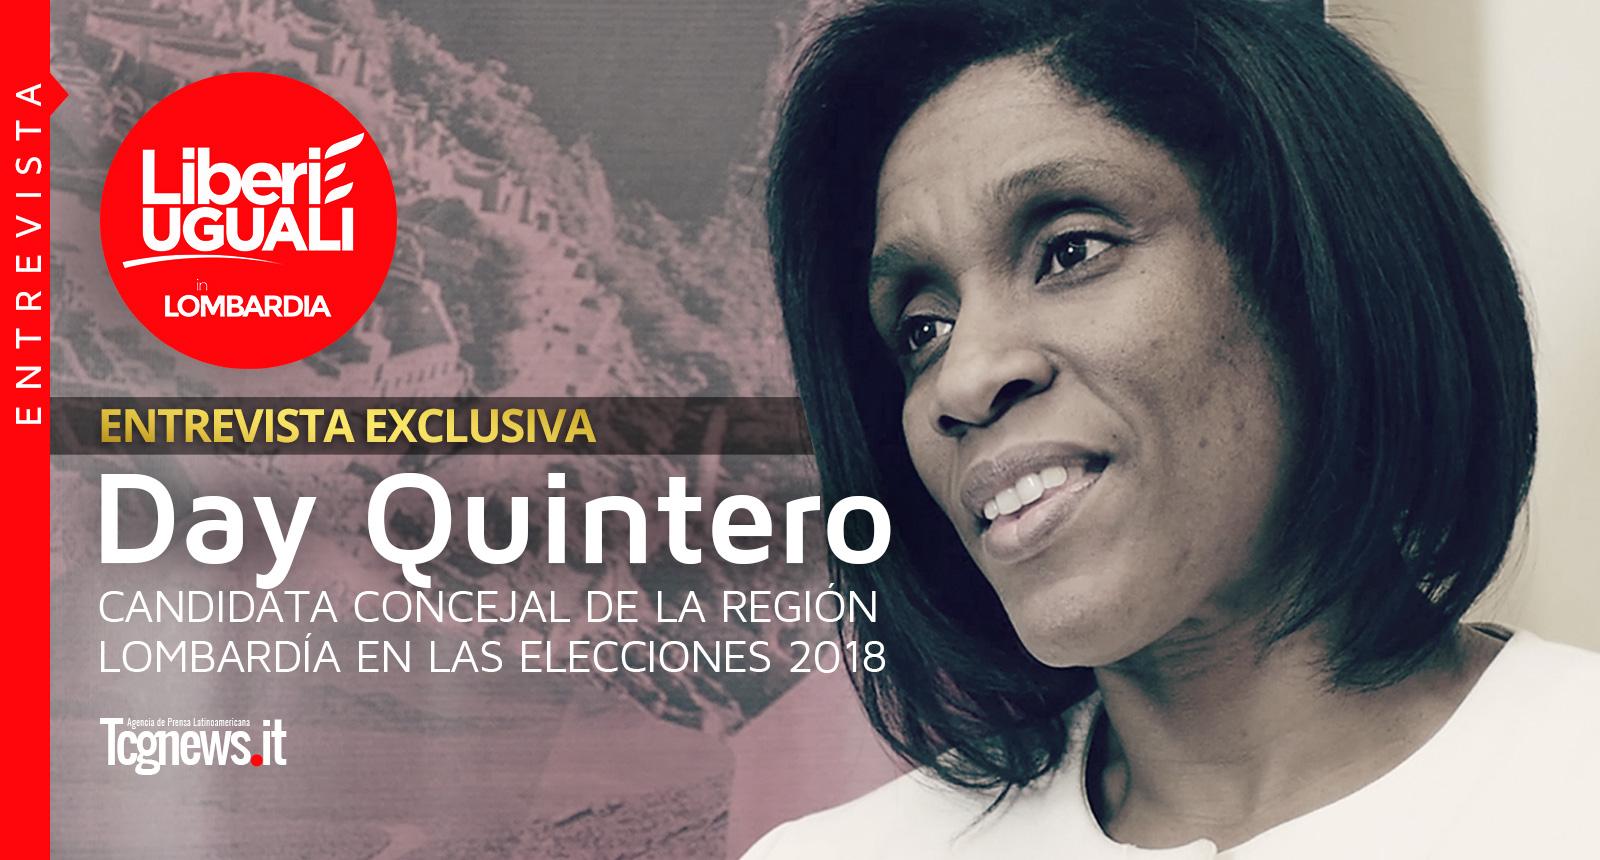 Entrevista a Day Quintero, Candidata Concejal de la Región Lombardía en las elecciones 2018 para LEU